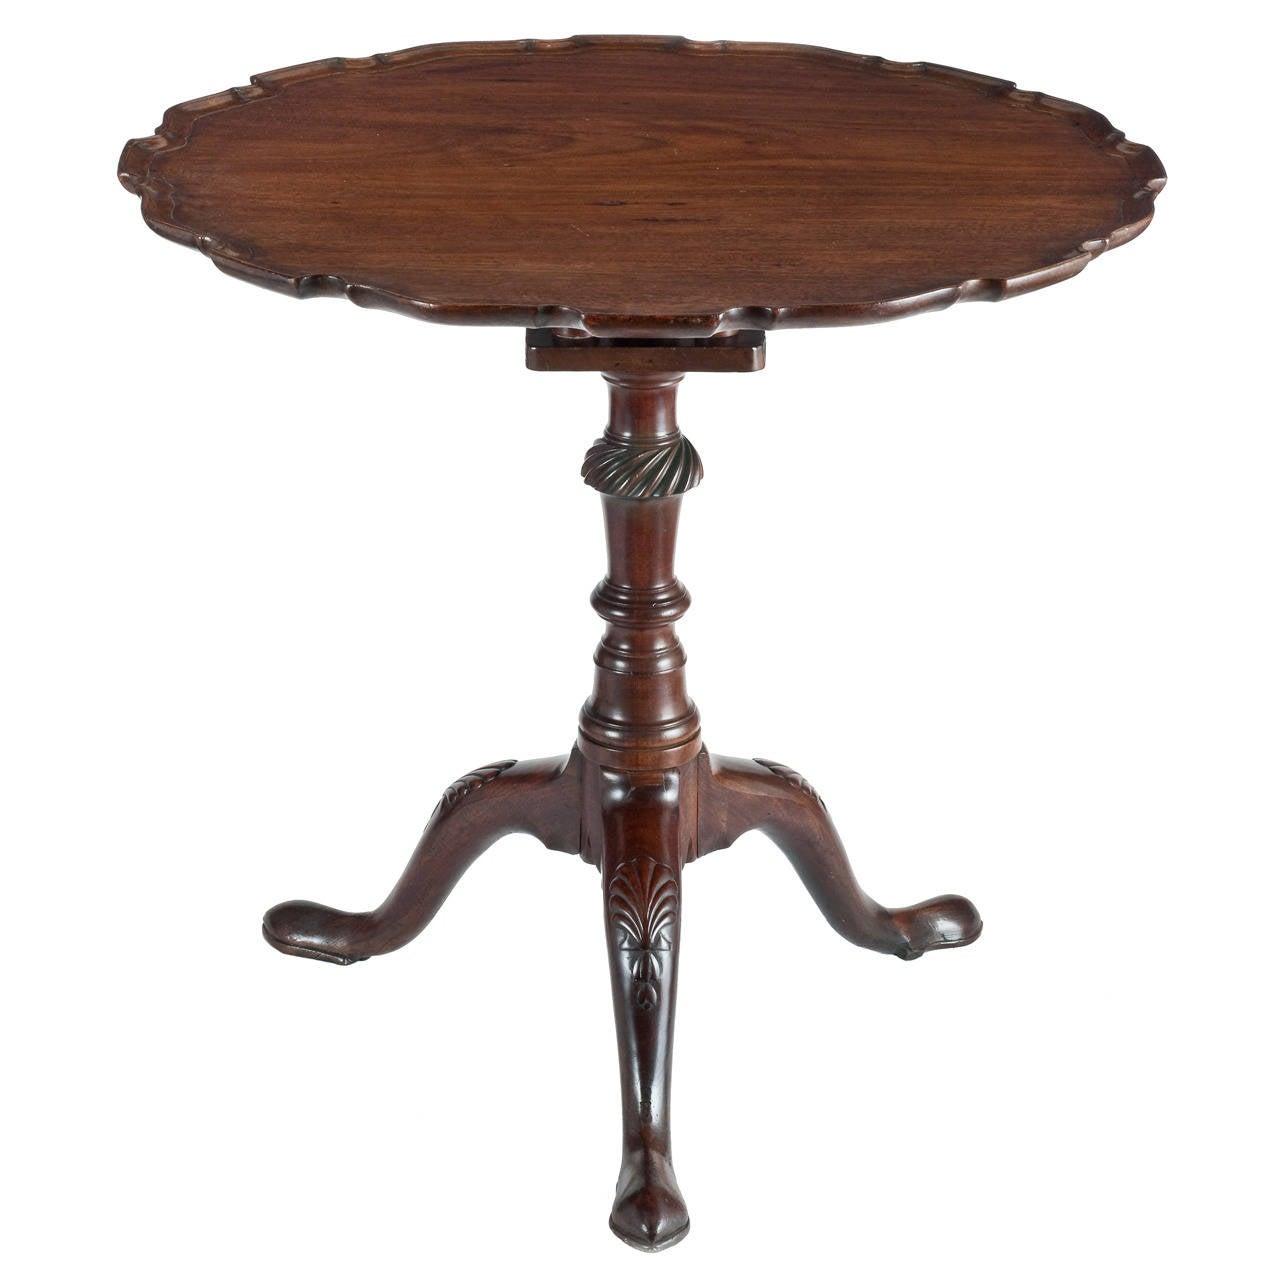 George III English Mahogany Pie Crust Edged Tilt-Top Wine Table